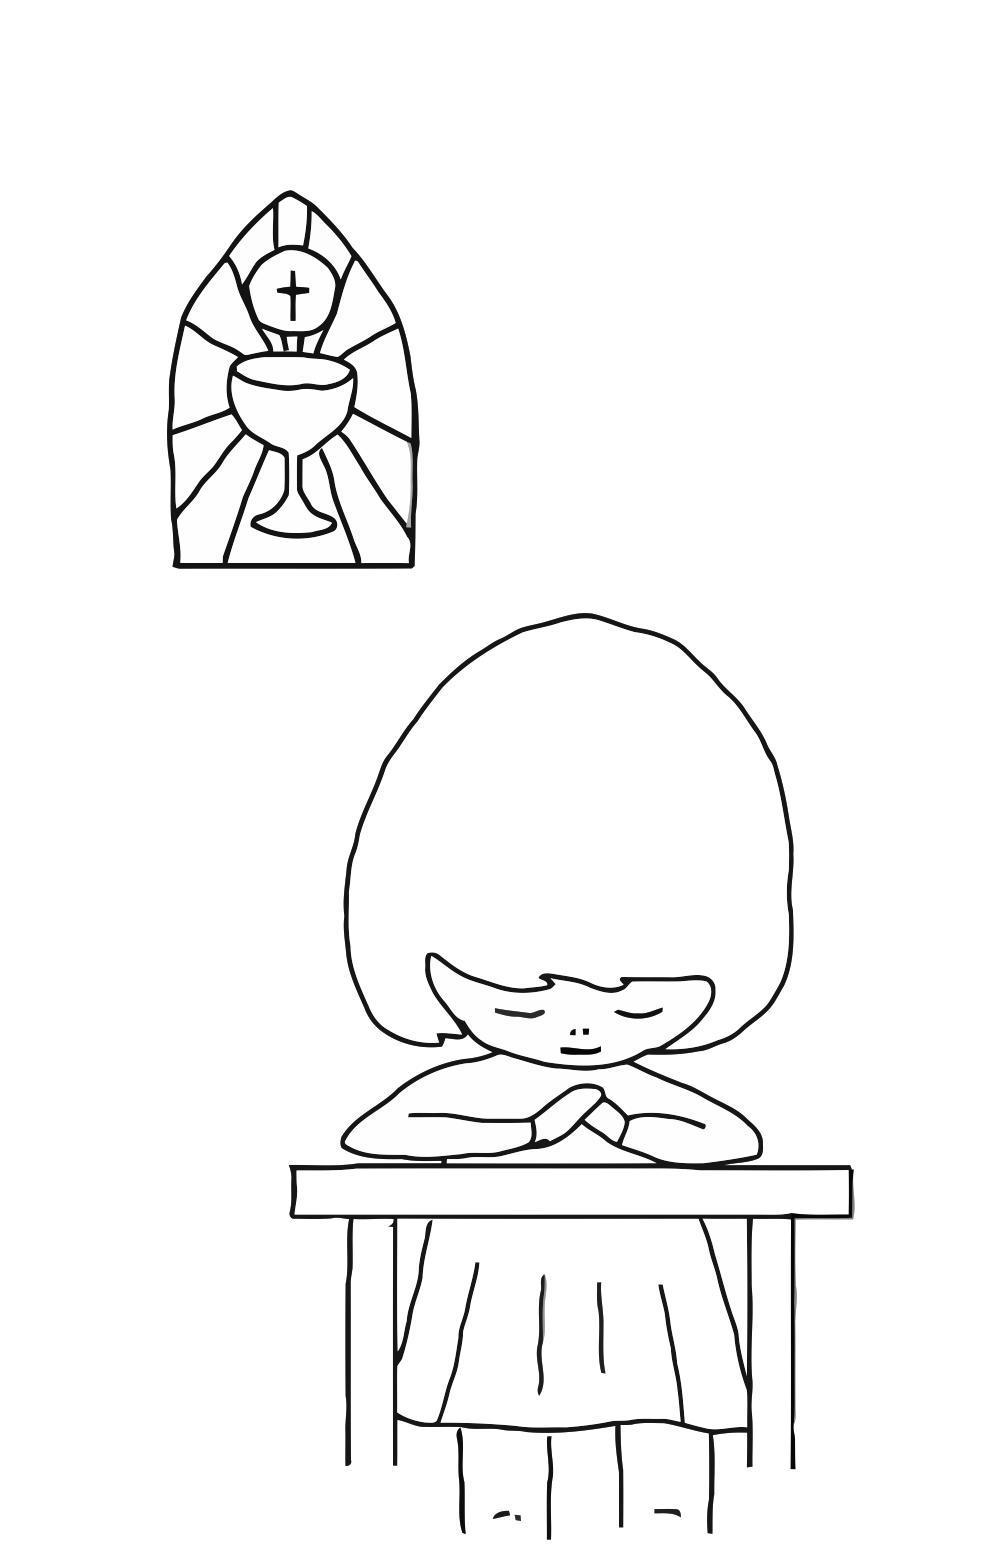 Disegno Da Colorare Pregare Cat 21683